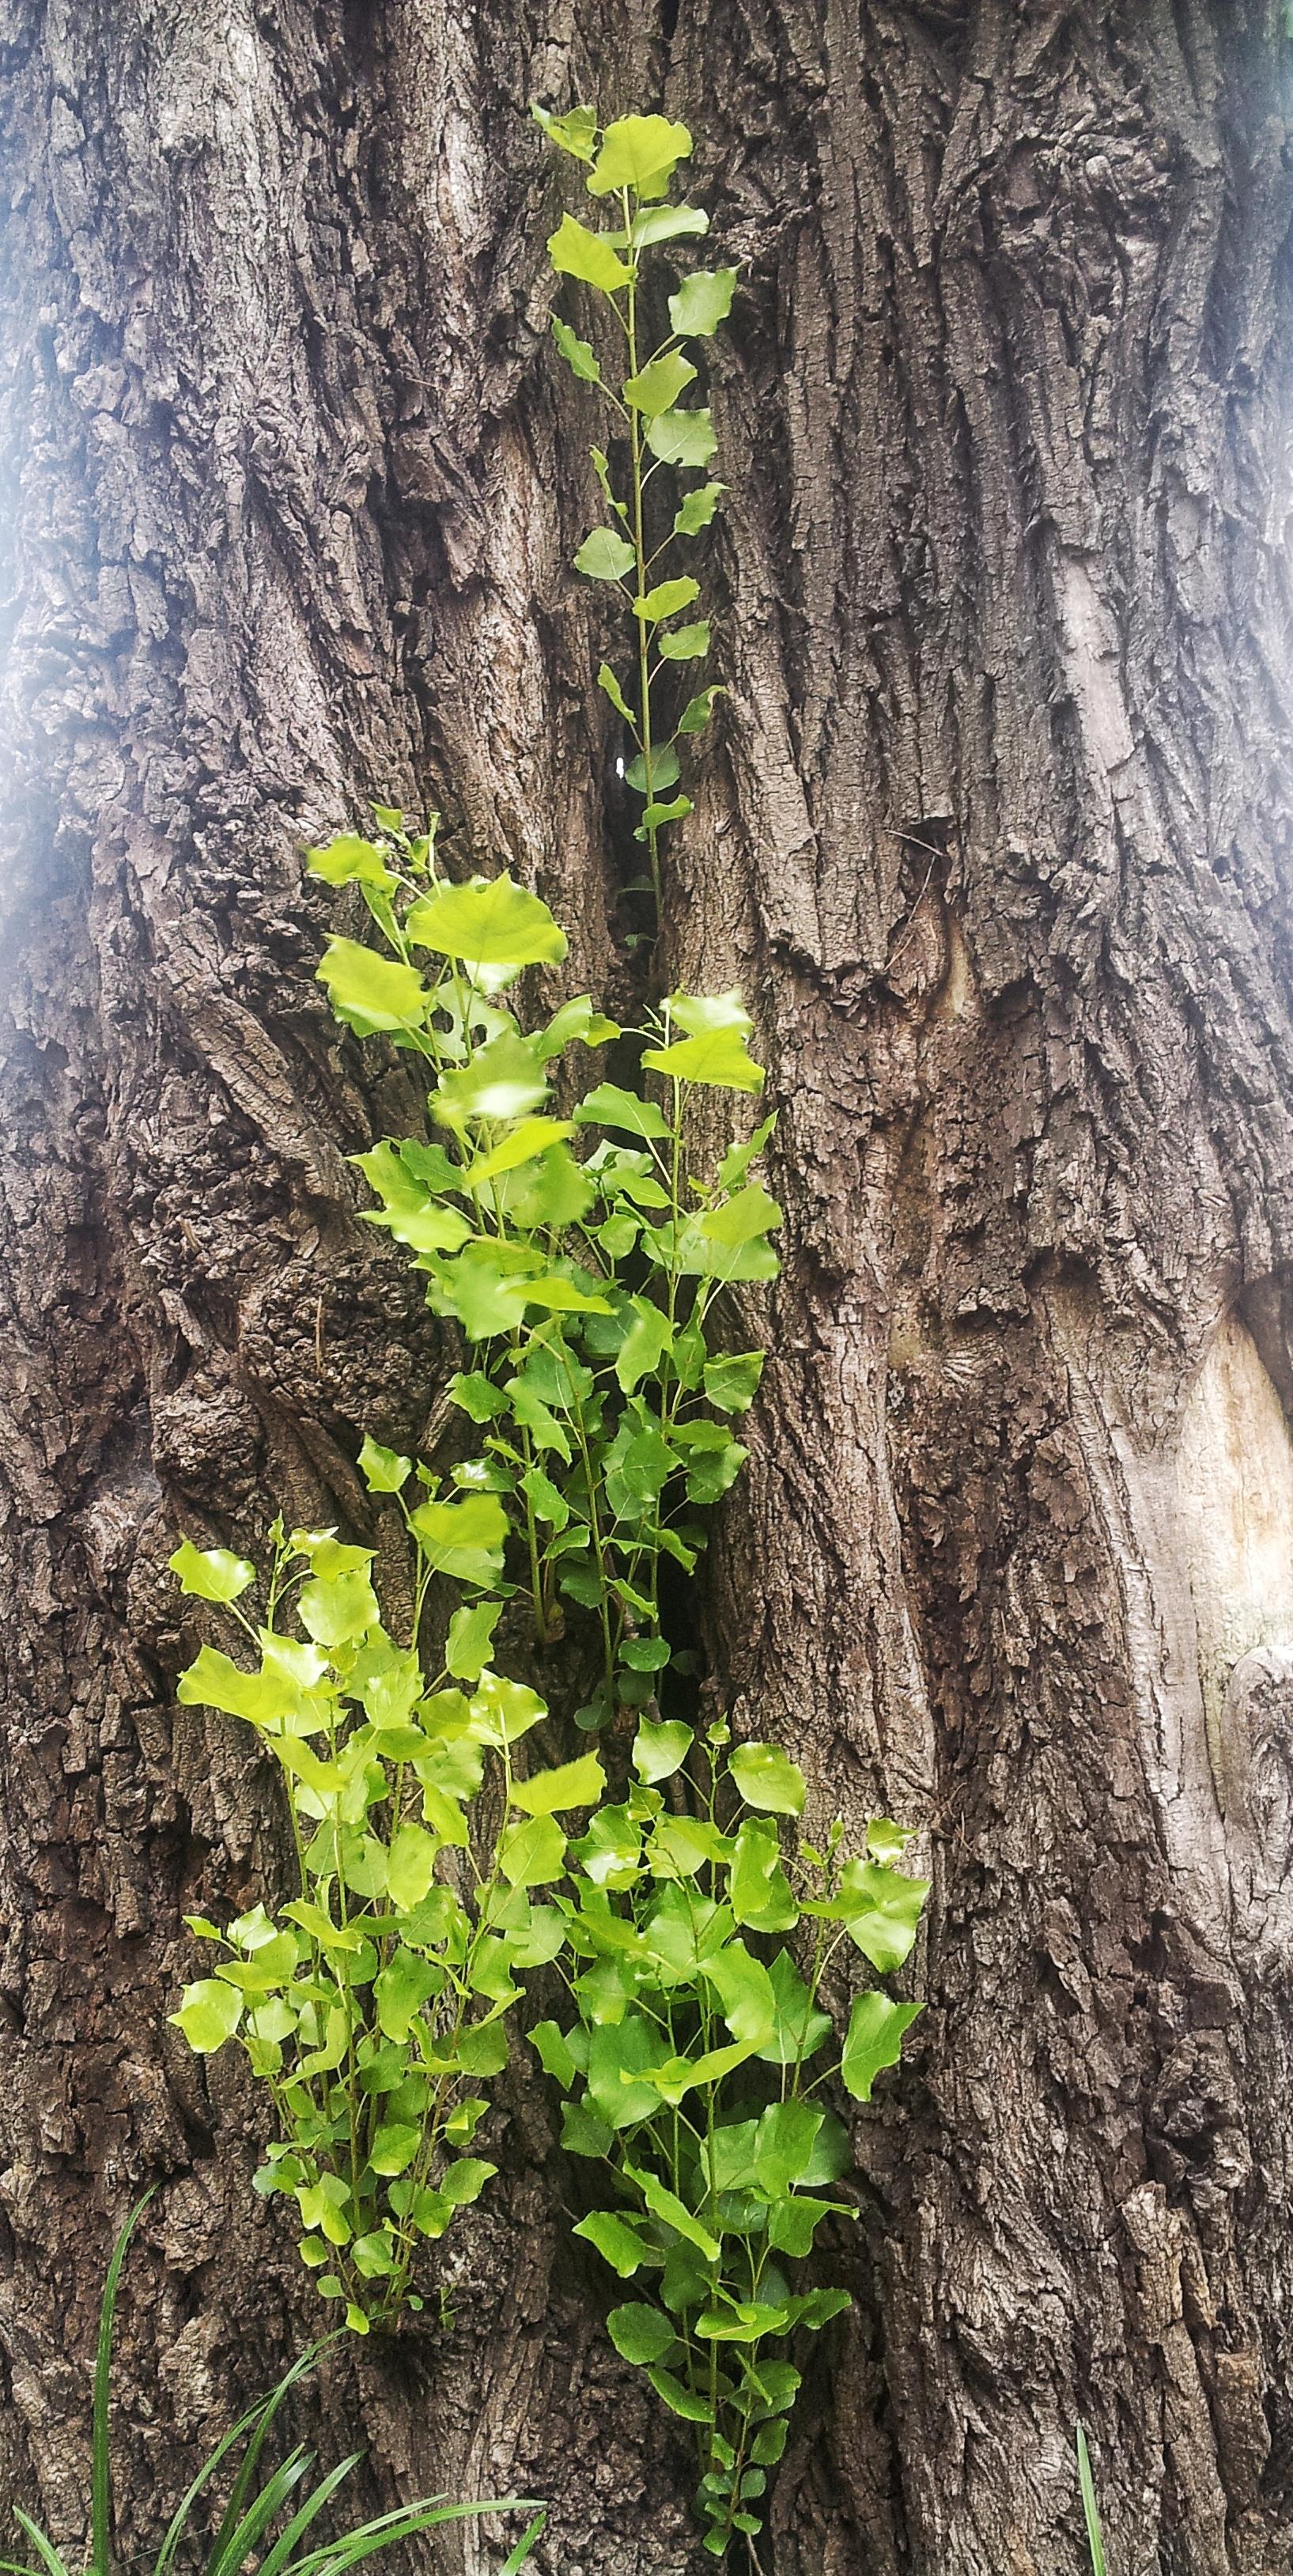 오래된 나무 새싹 아침 햇살 뽀토샵 효과 뽀샤시 햇살 봄 생명 숲 안개 고목 무료이미지